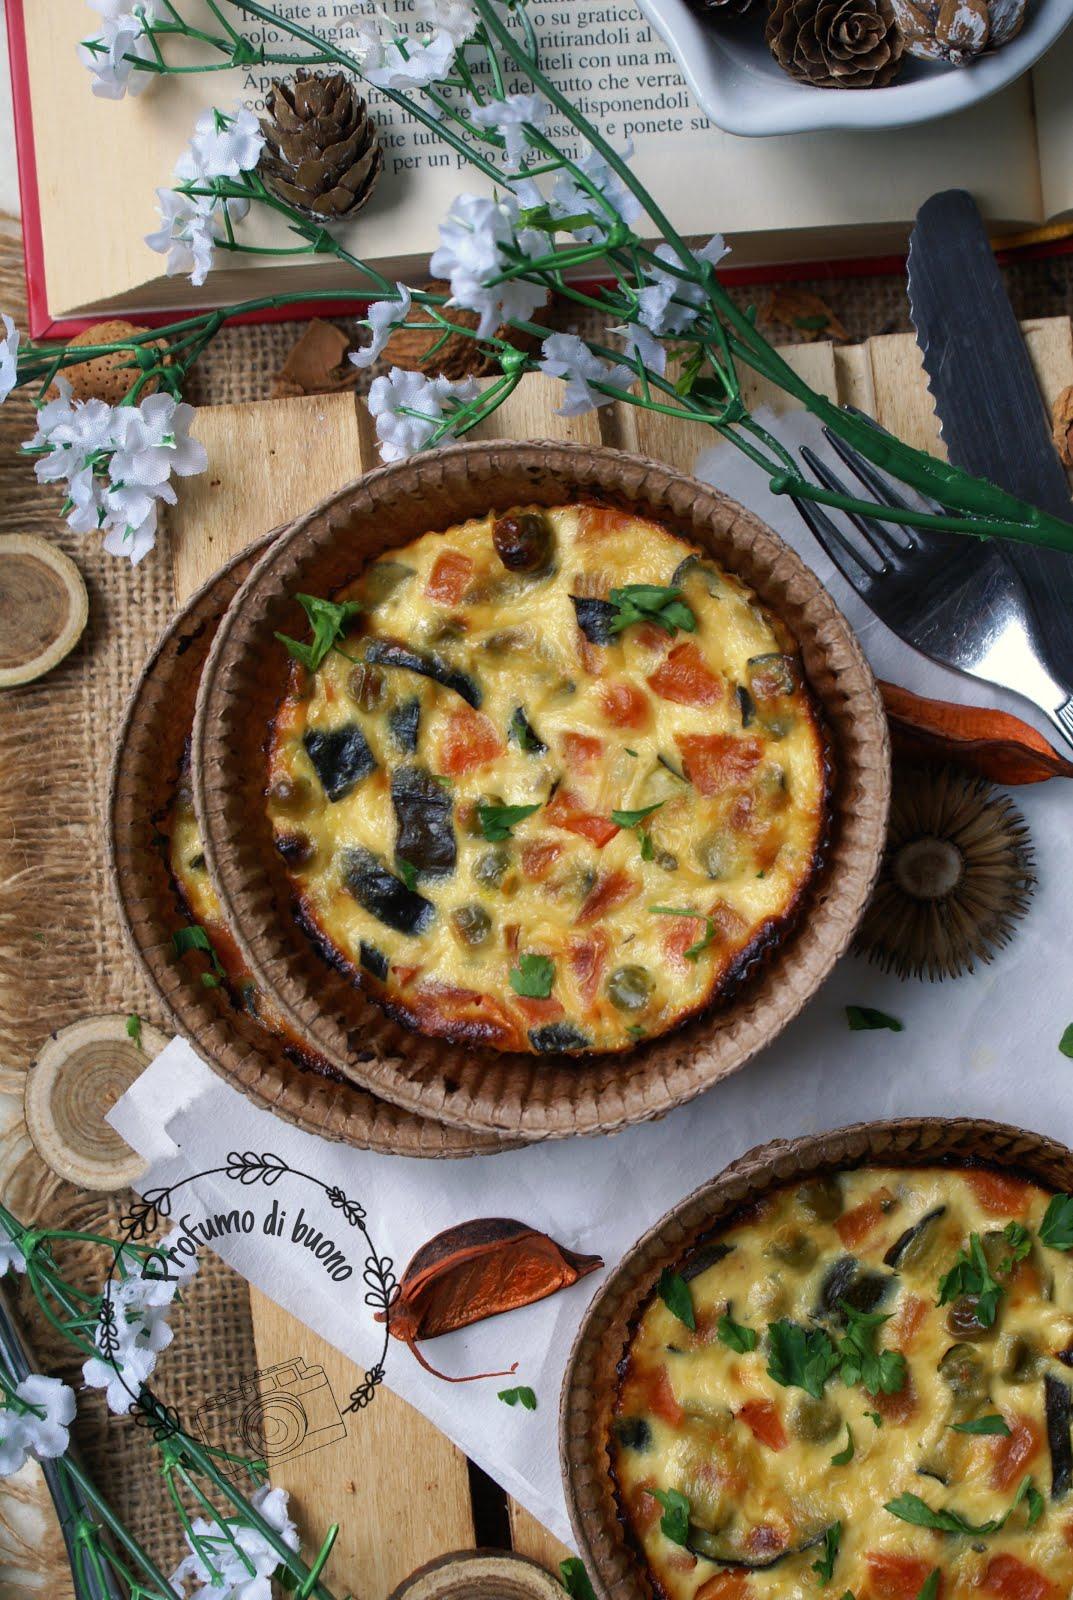 Sformatini di verdure e formaggio con prezzemolo fresco